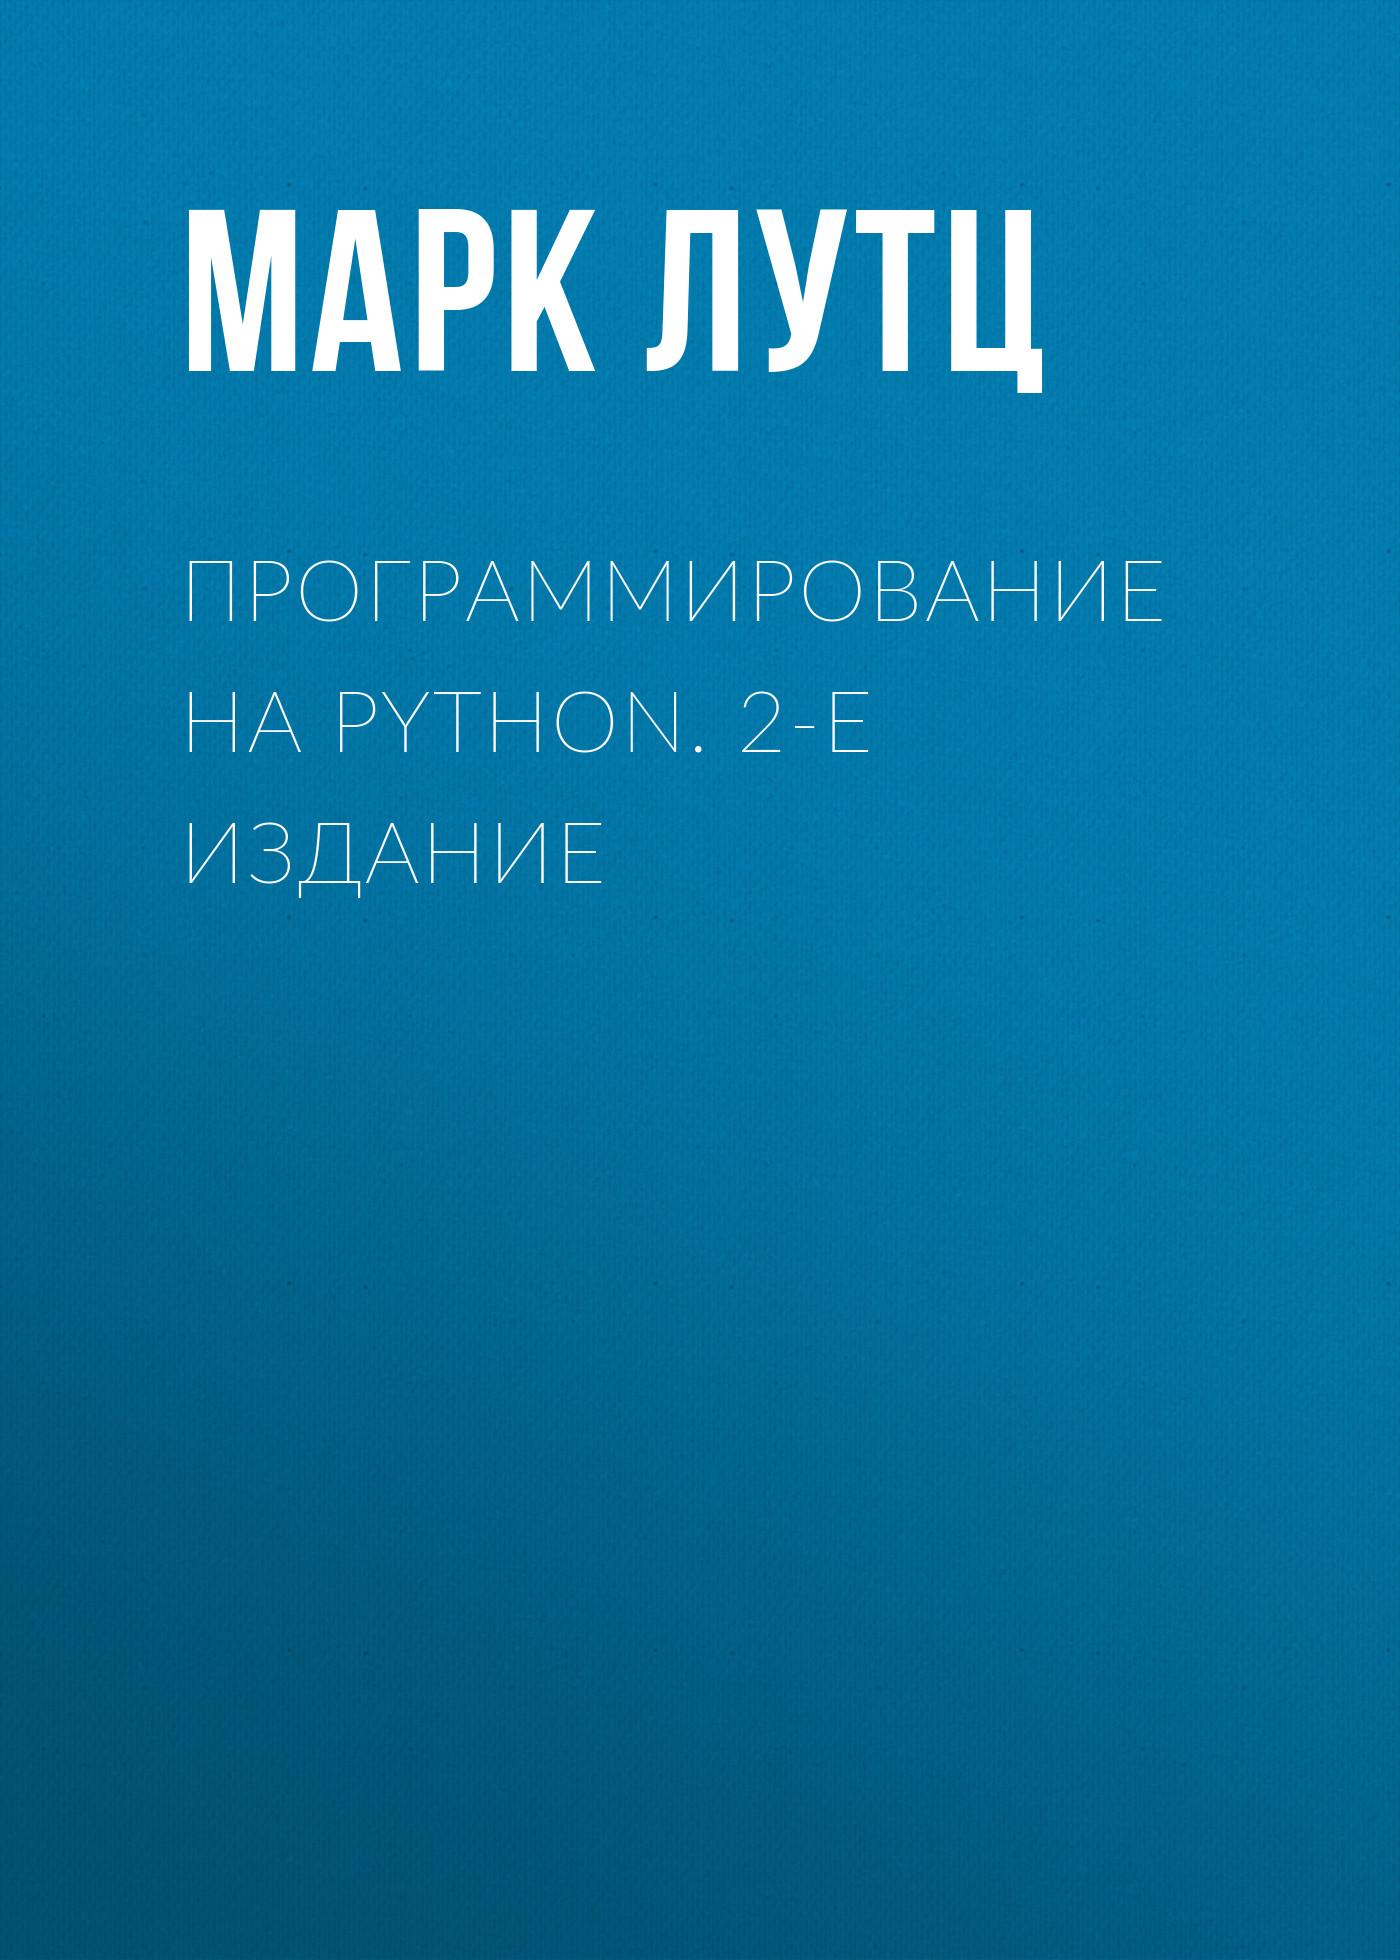 Программирование на Python. 2-е издание